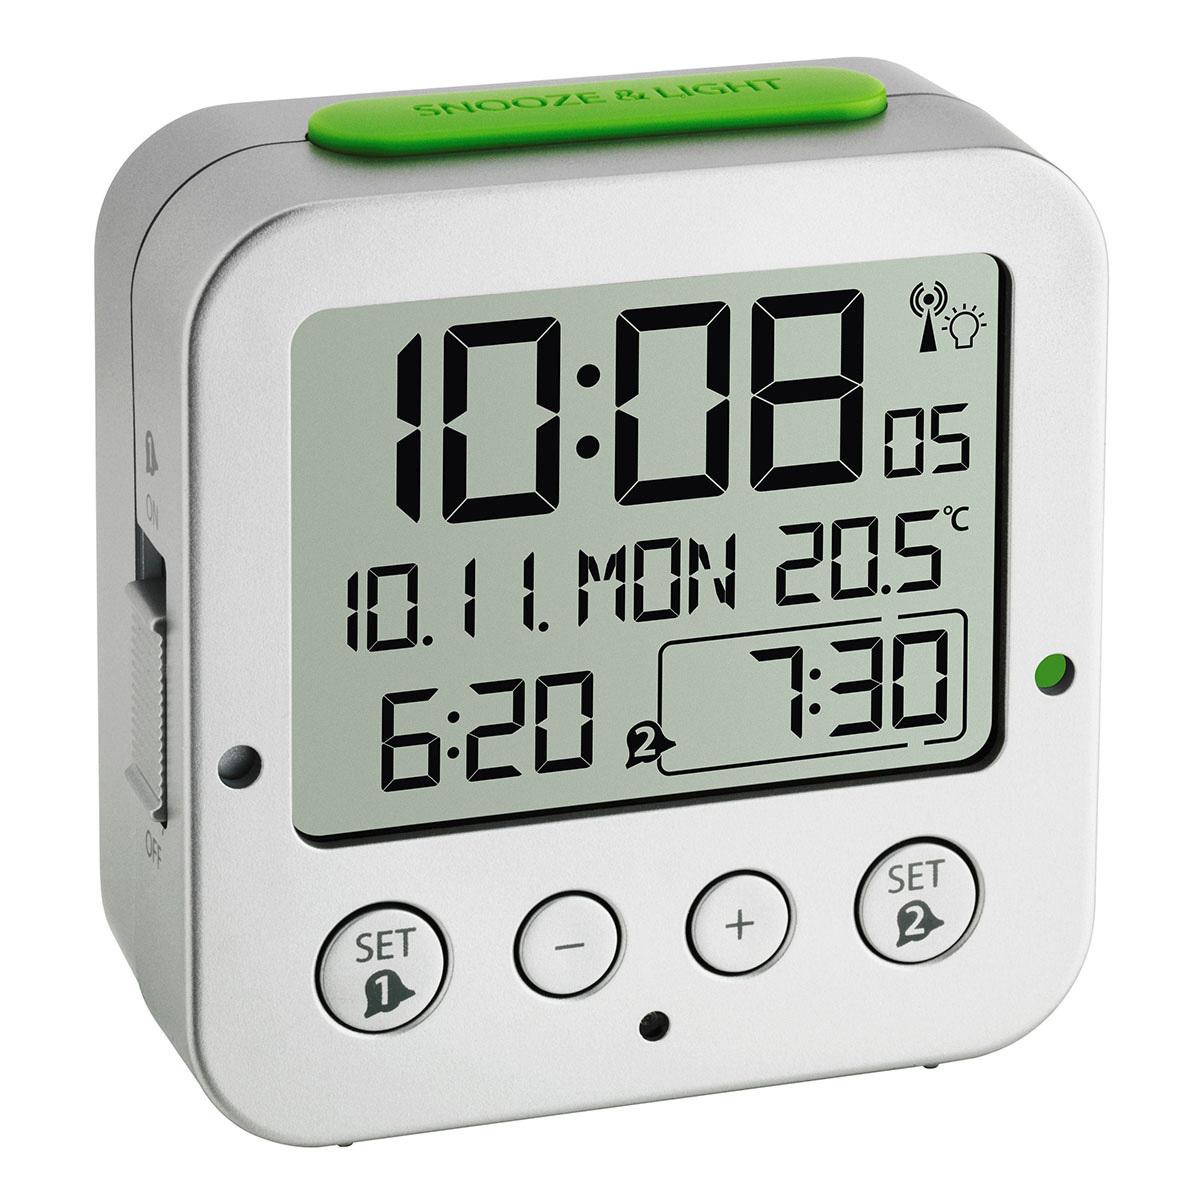 60-2528-54-digitaler-funk-wecker-mit-temperatur-bingo-1200x1200px.jpg